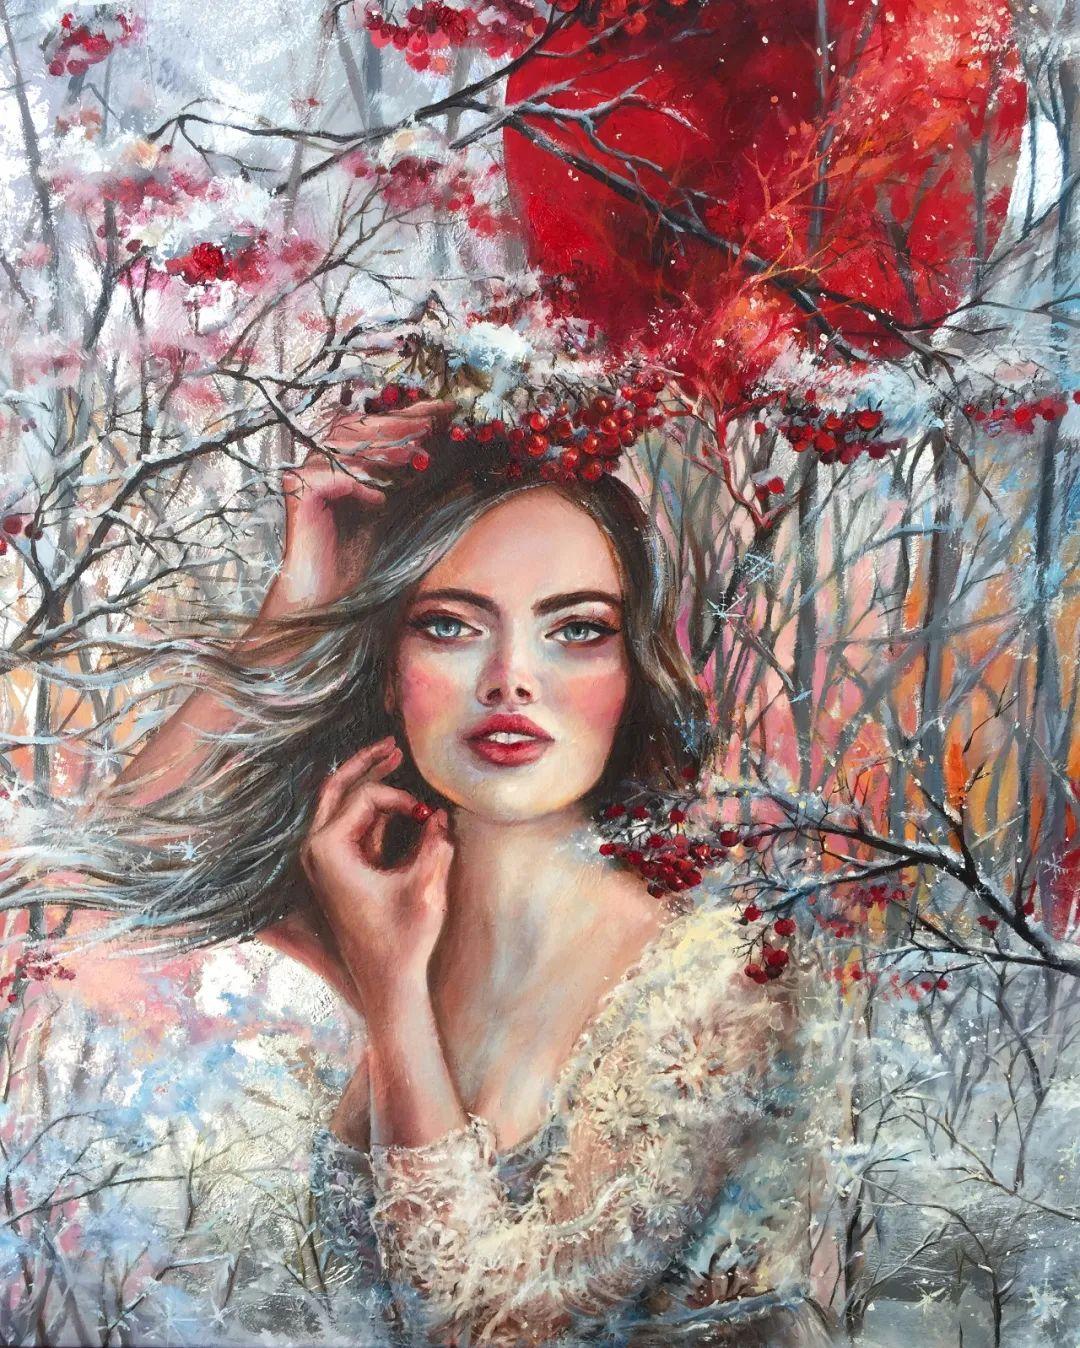 艺术家安娜的精美油画艺术作品欣赏插图31